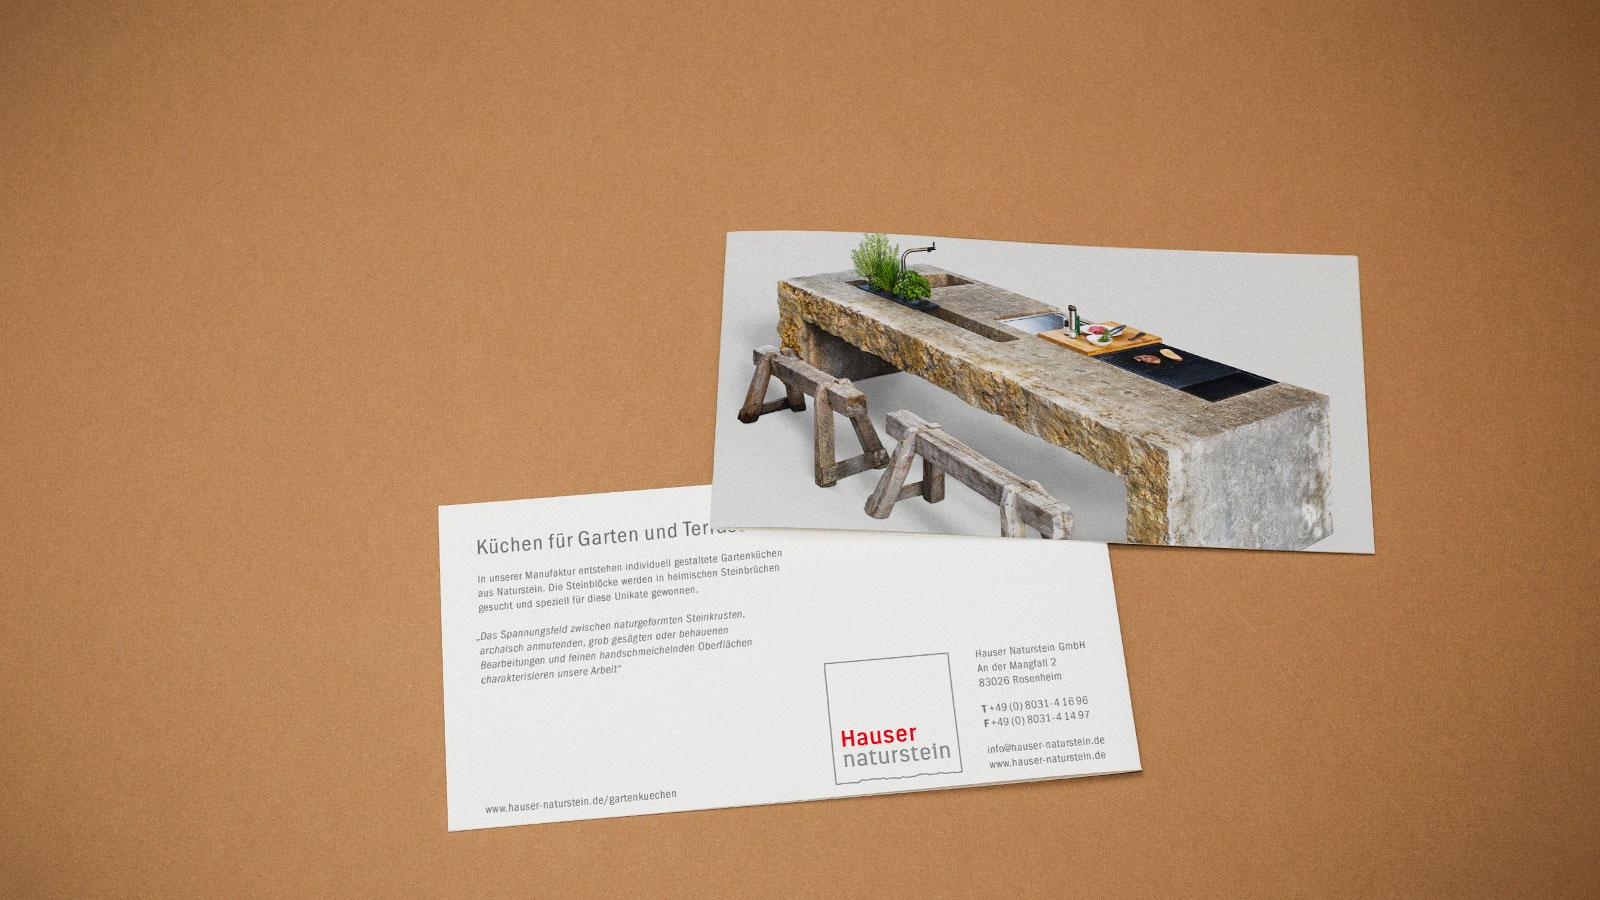 hauser_naturstein_logo_redesign_004